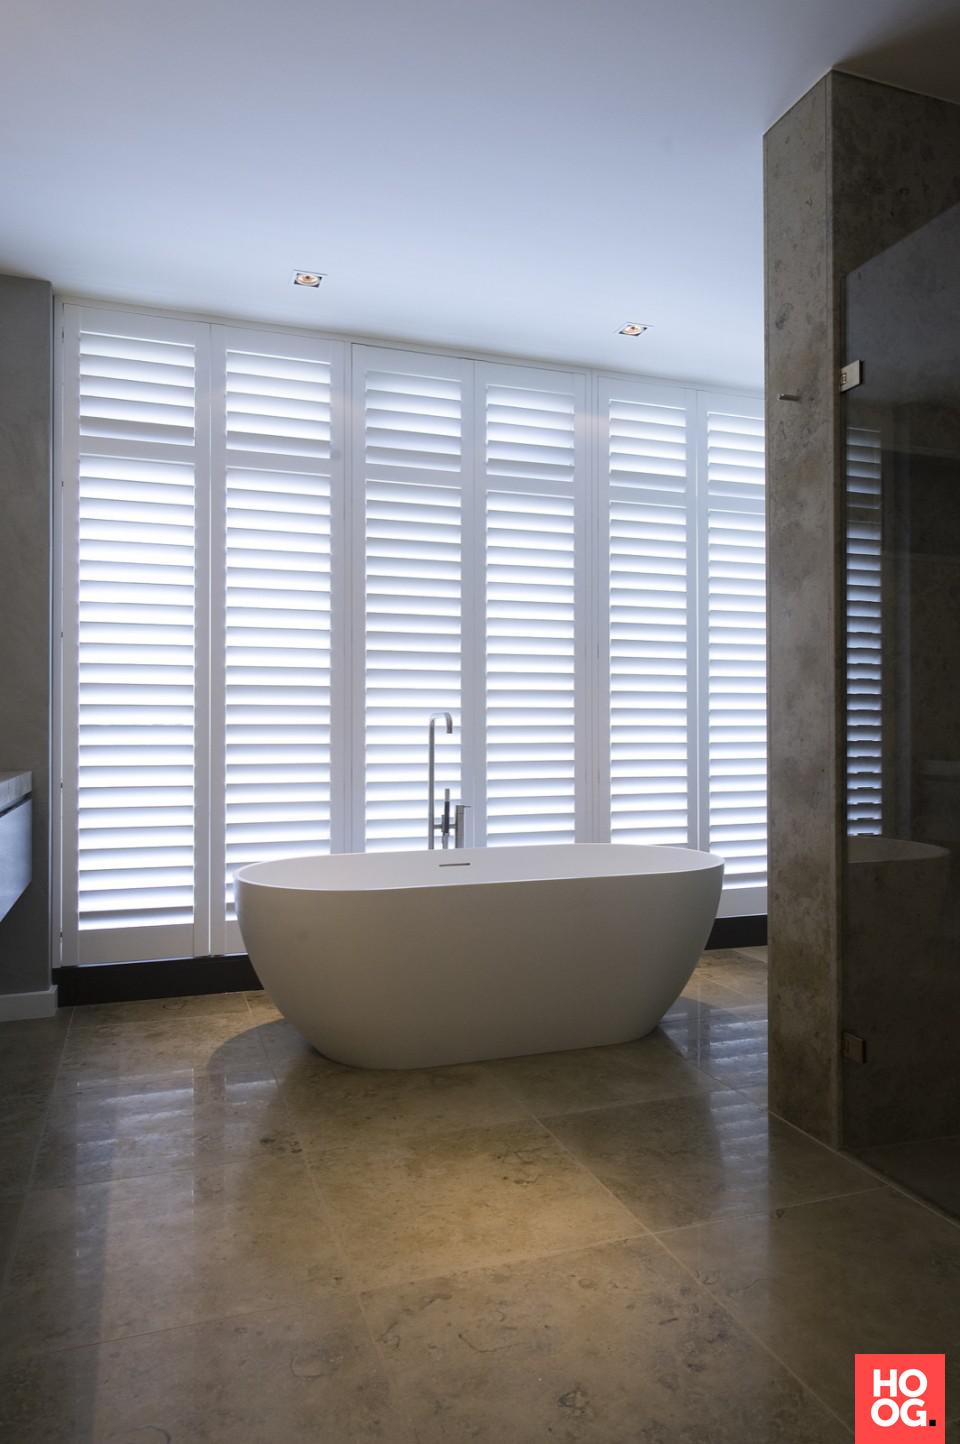 badkamer design met luxe ligbad badkamer ideeen design